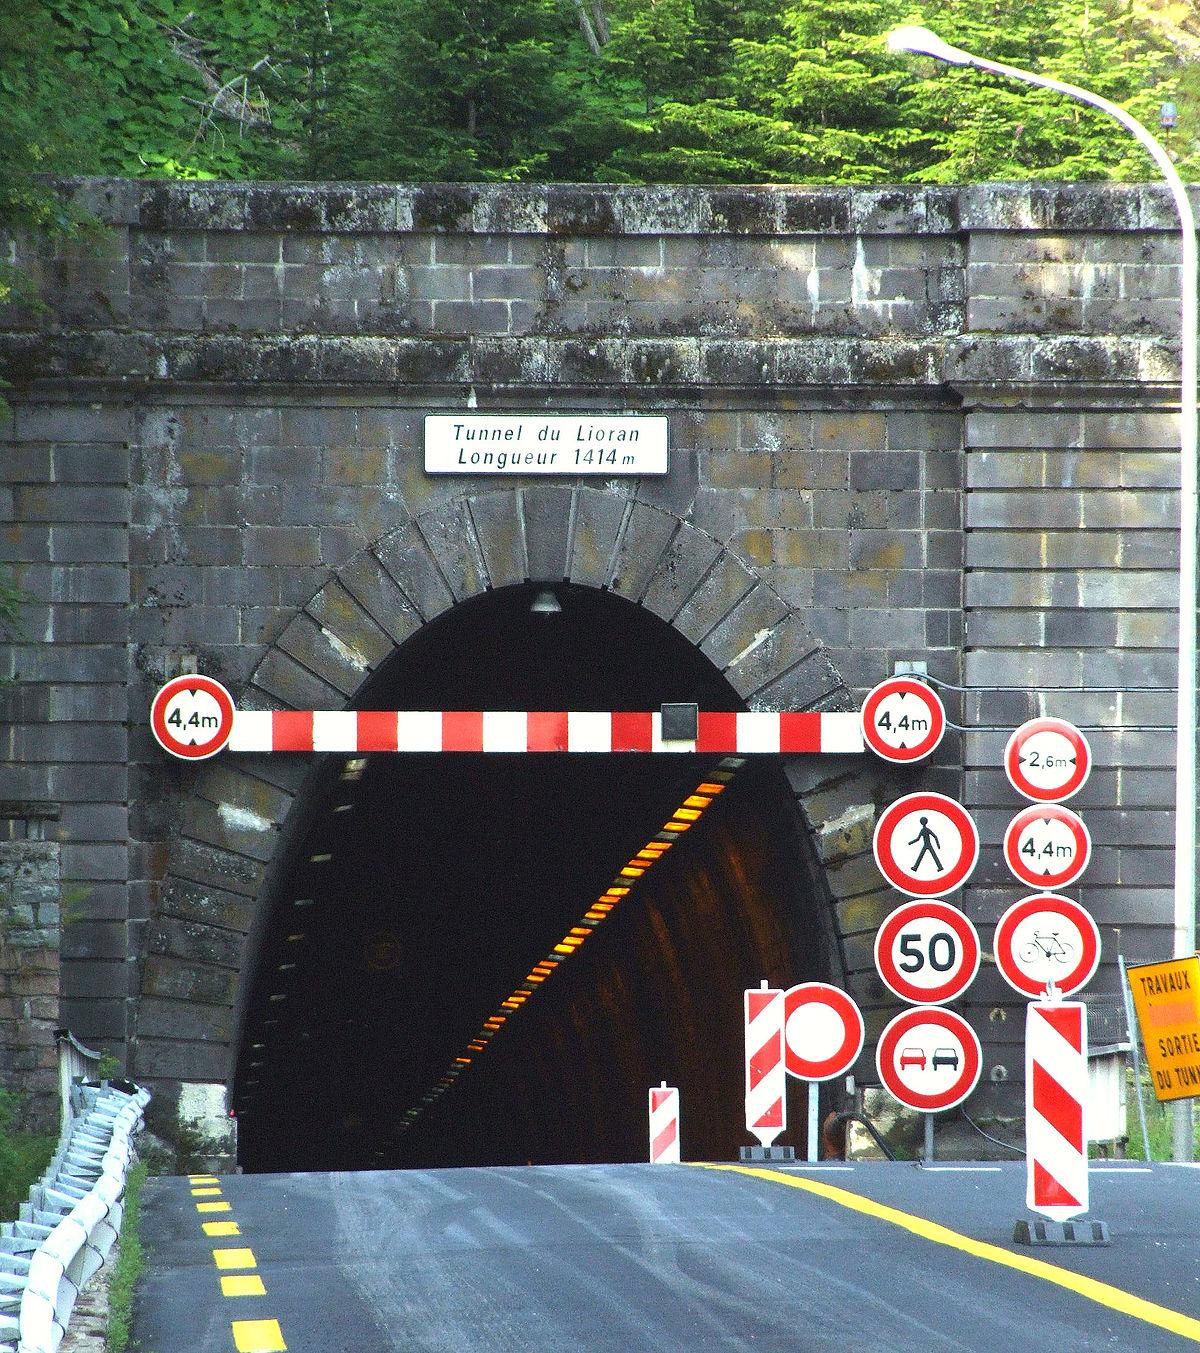 Premier tunnel routier du lioran wikip dia for Construction de tunnel